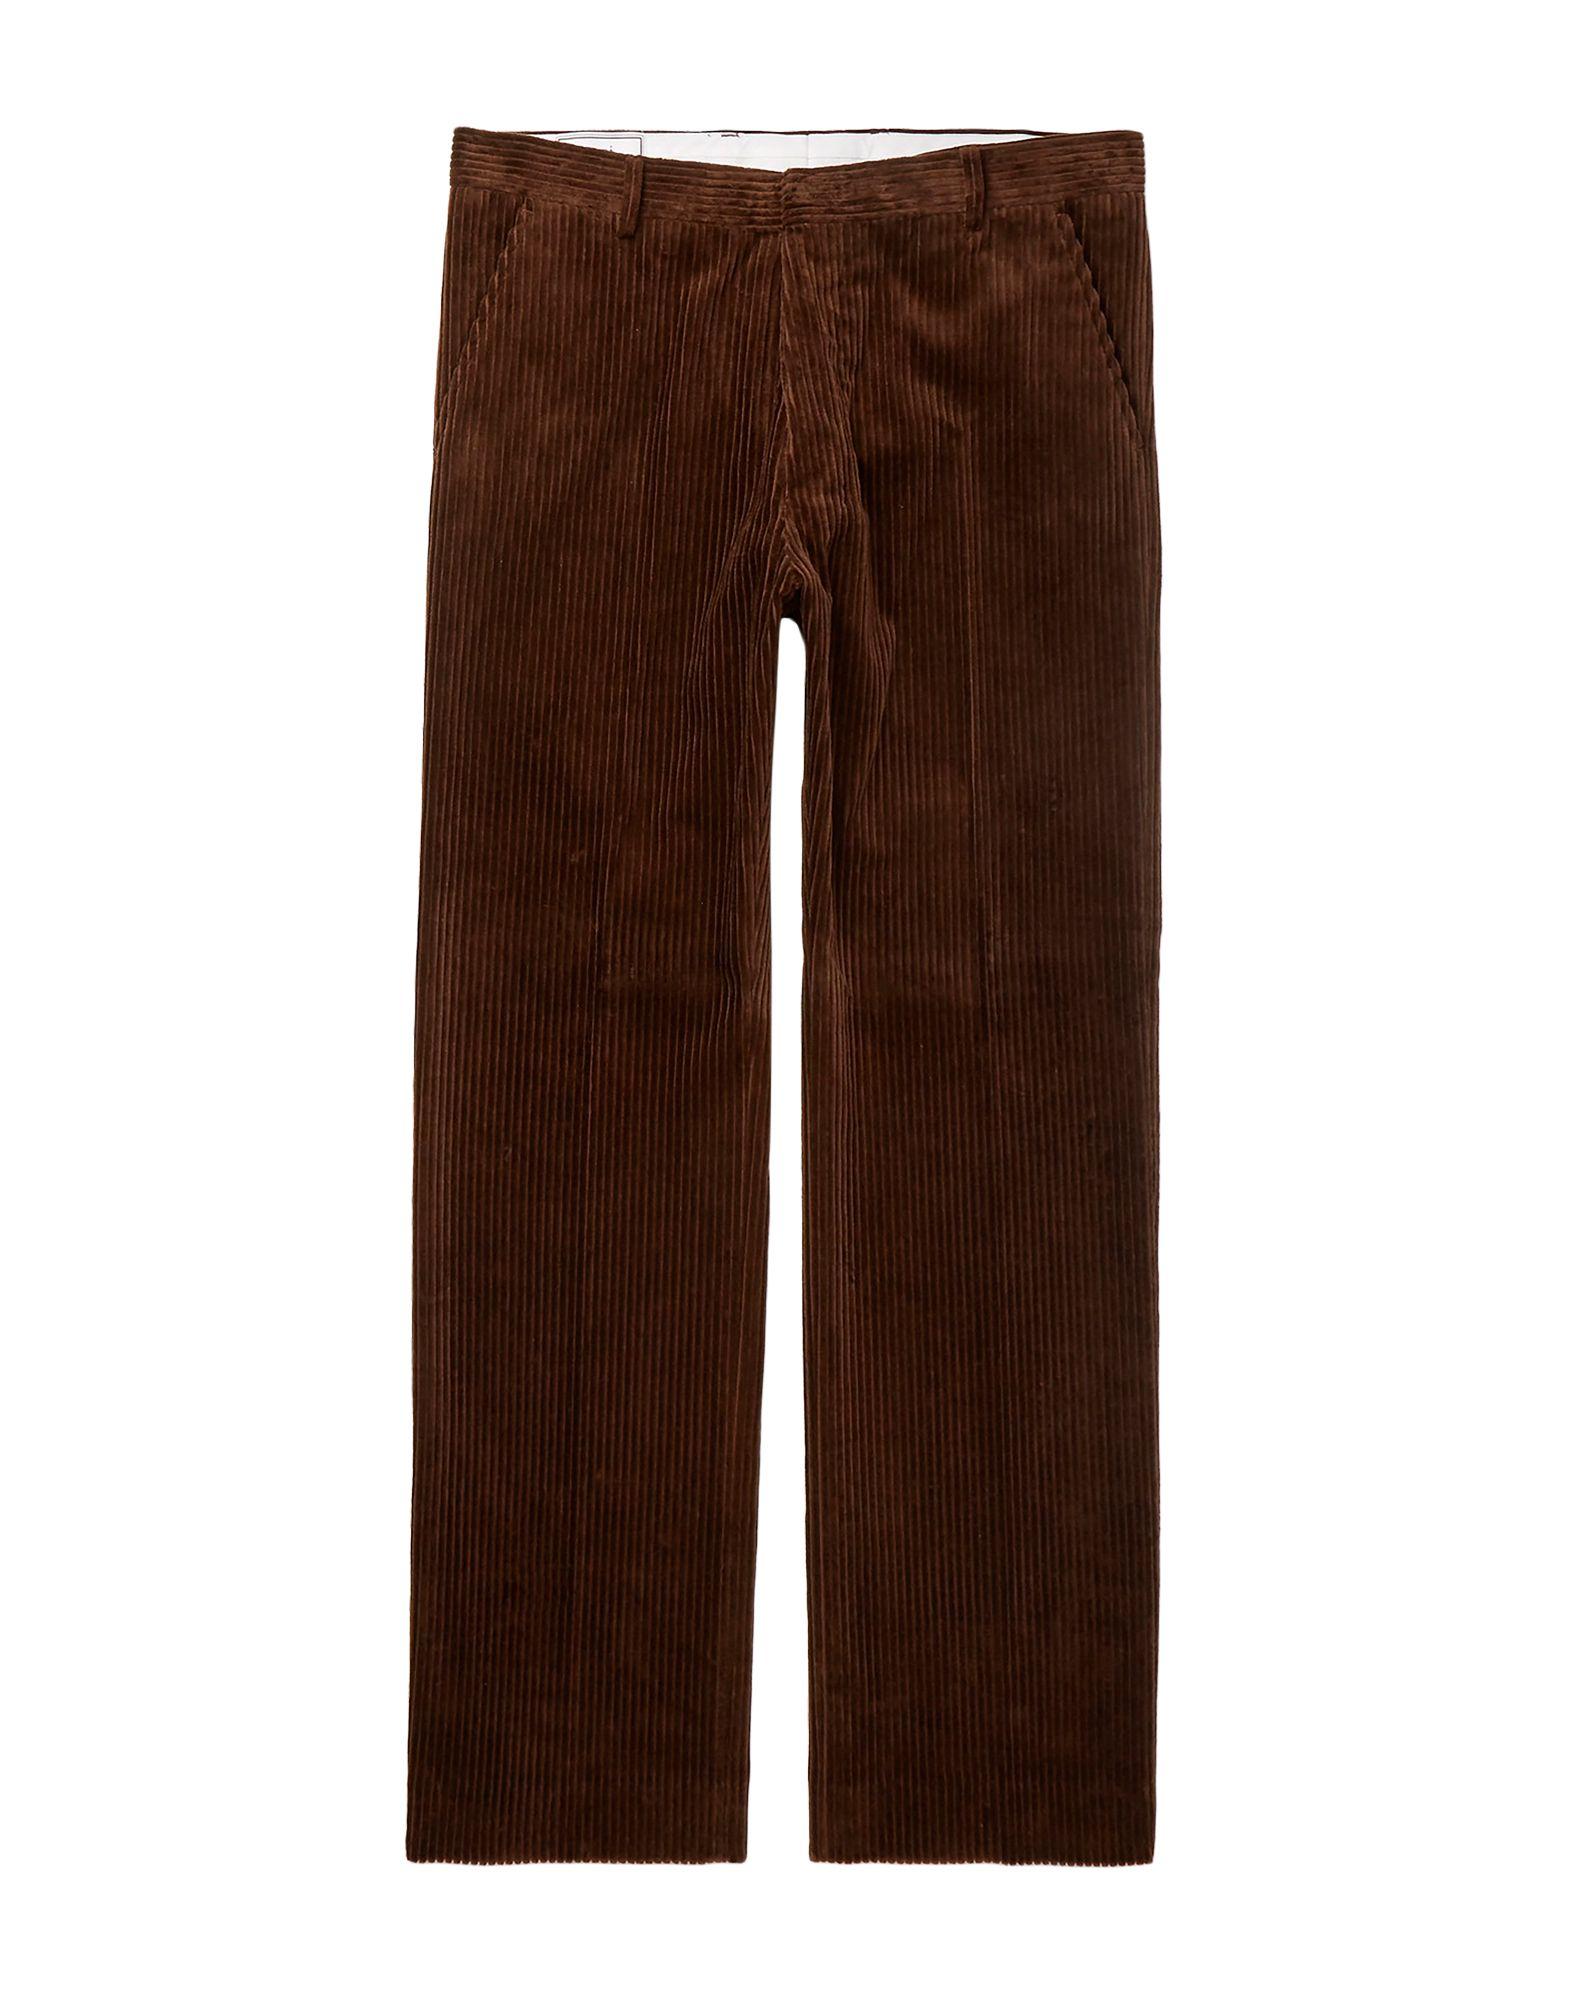 《期間限定セール開催中!》AMI ALEXANDRE MATTIUSSI メンズ パンツ ダークブラウン 38 コットン 100%